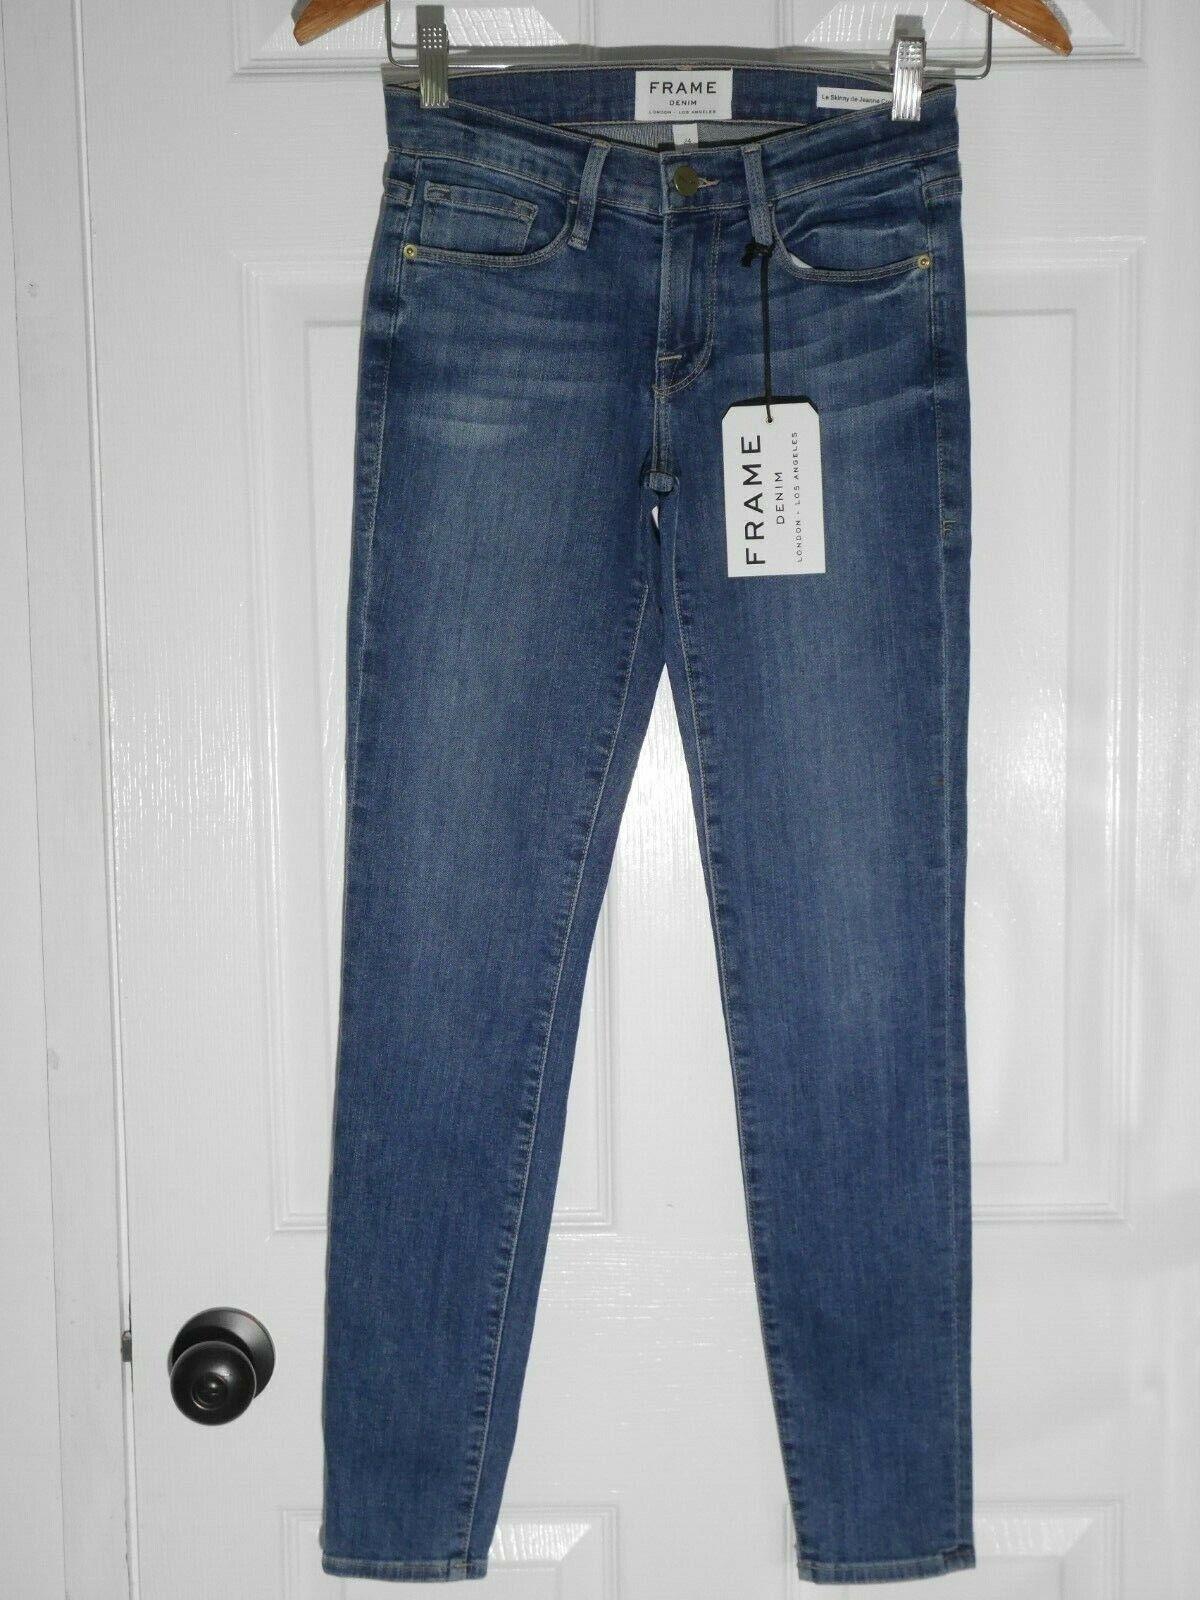 NEW FRAME Denim Le Skinny de Jeanne Crop in State Street - Size 24